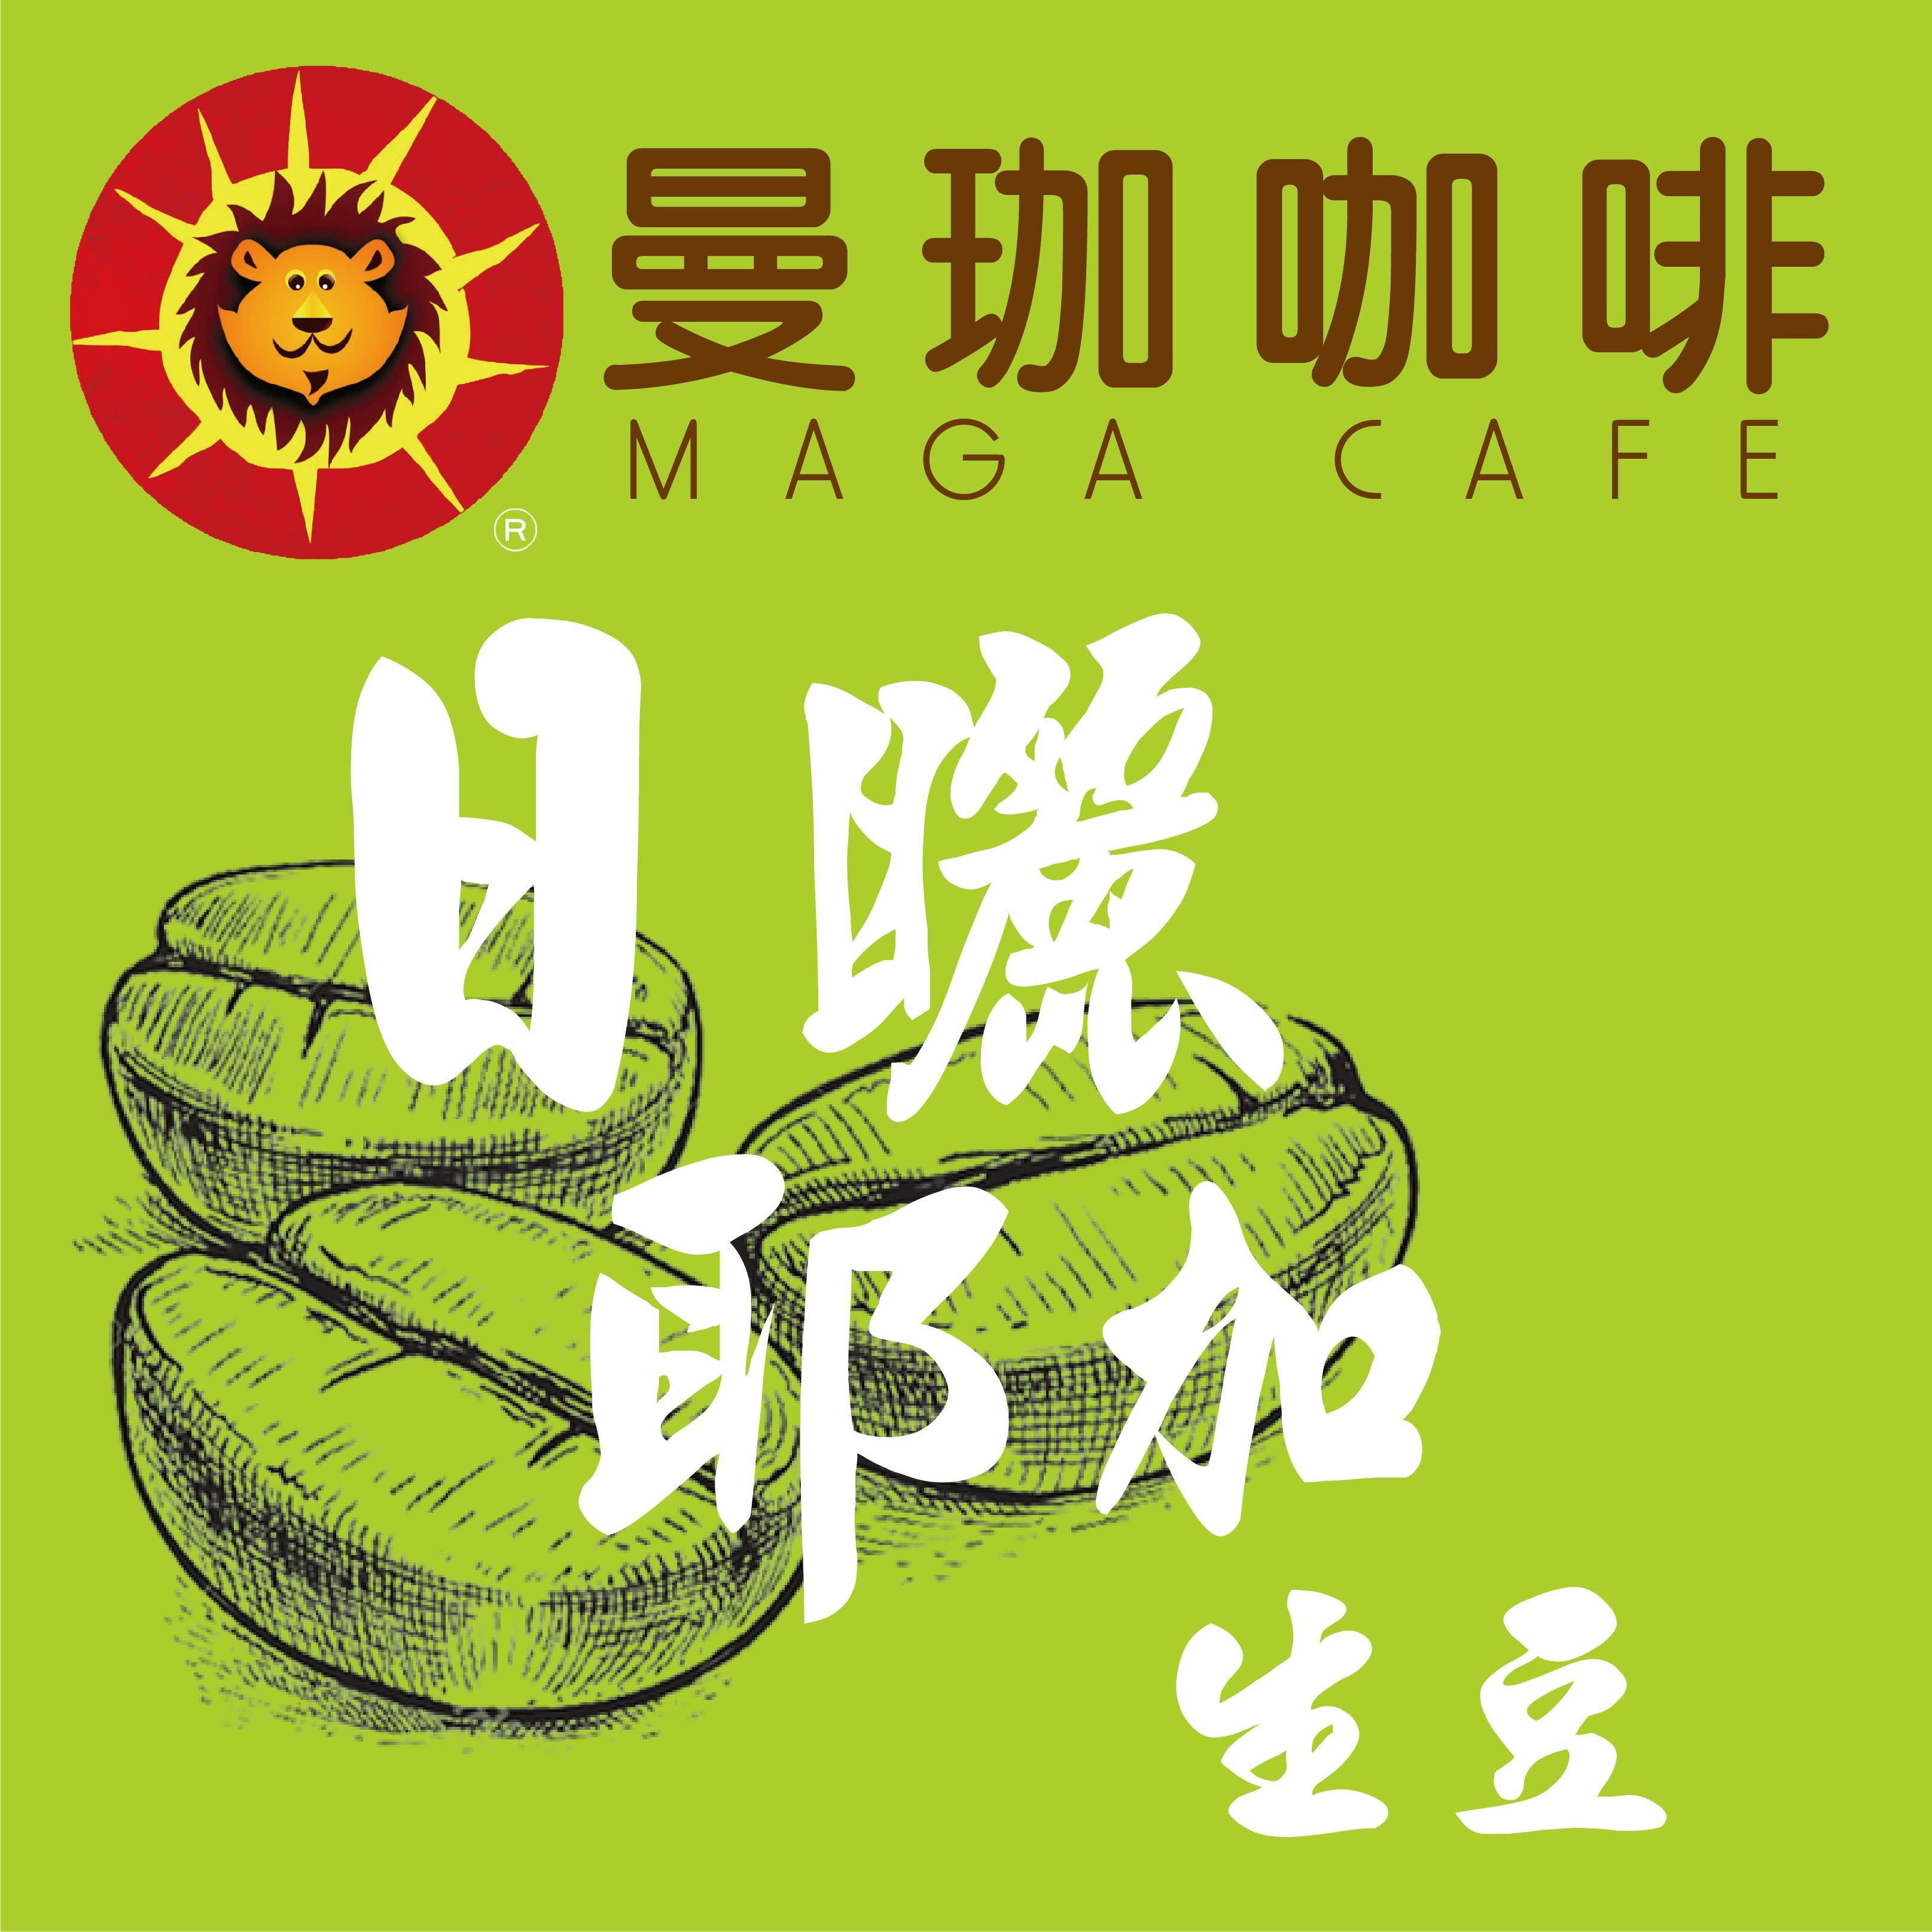 曼珈咖啡【日曬耶加雪菲 G1 甜蜜科卡】咖啡生豆 500克 - 限時優惠好康折扣